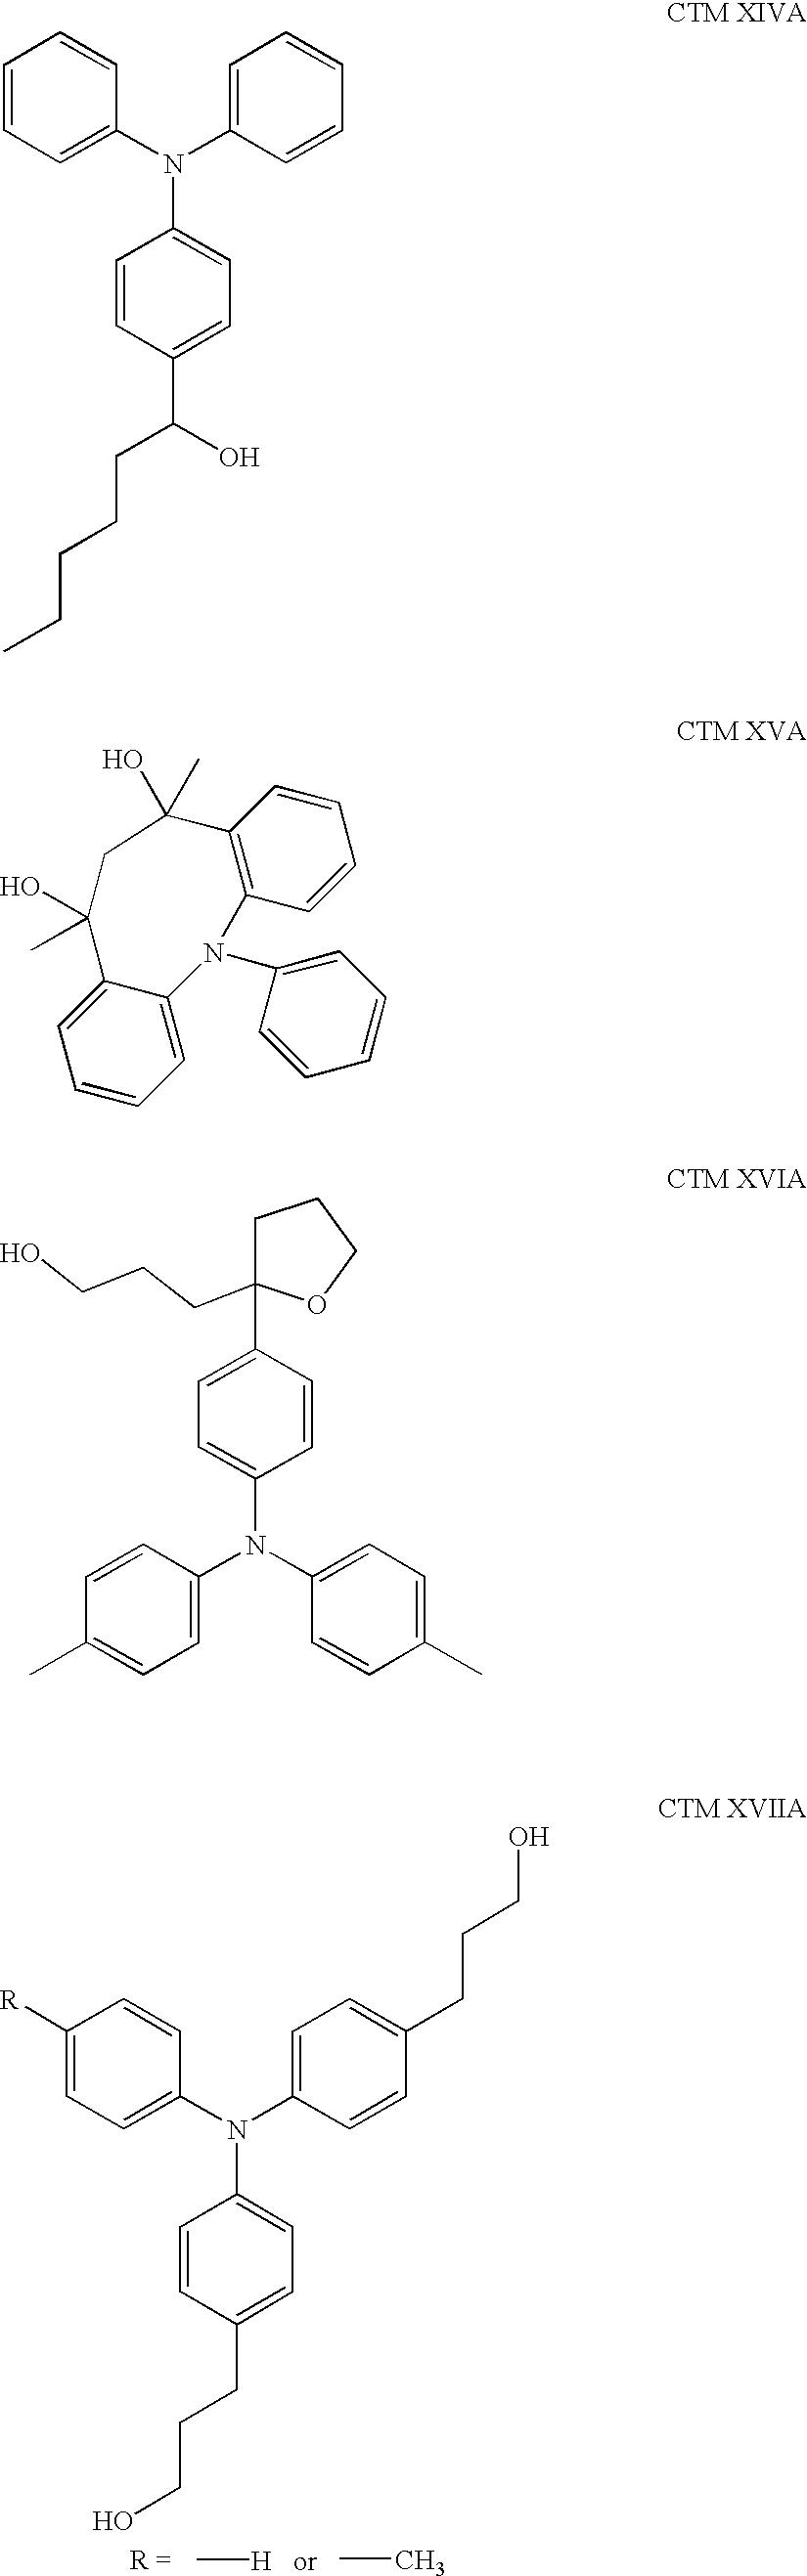 Figure US06517984-20030211-C00005